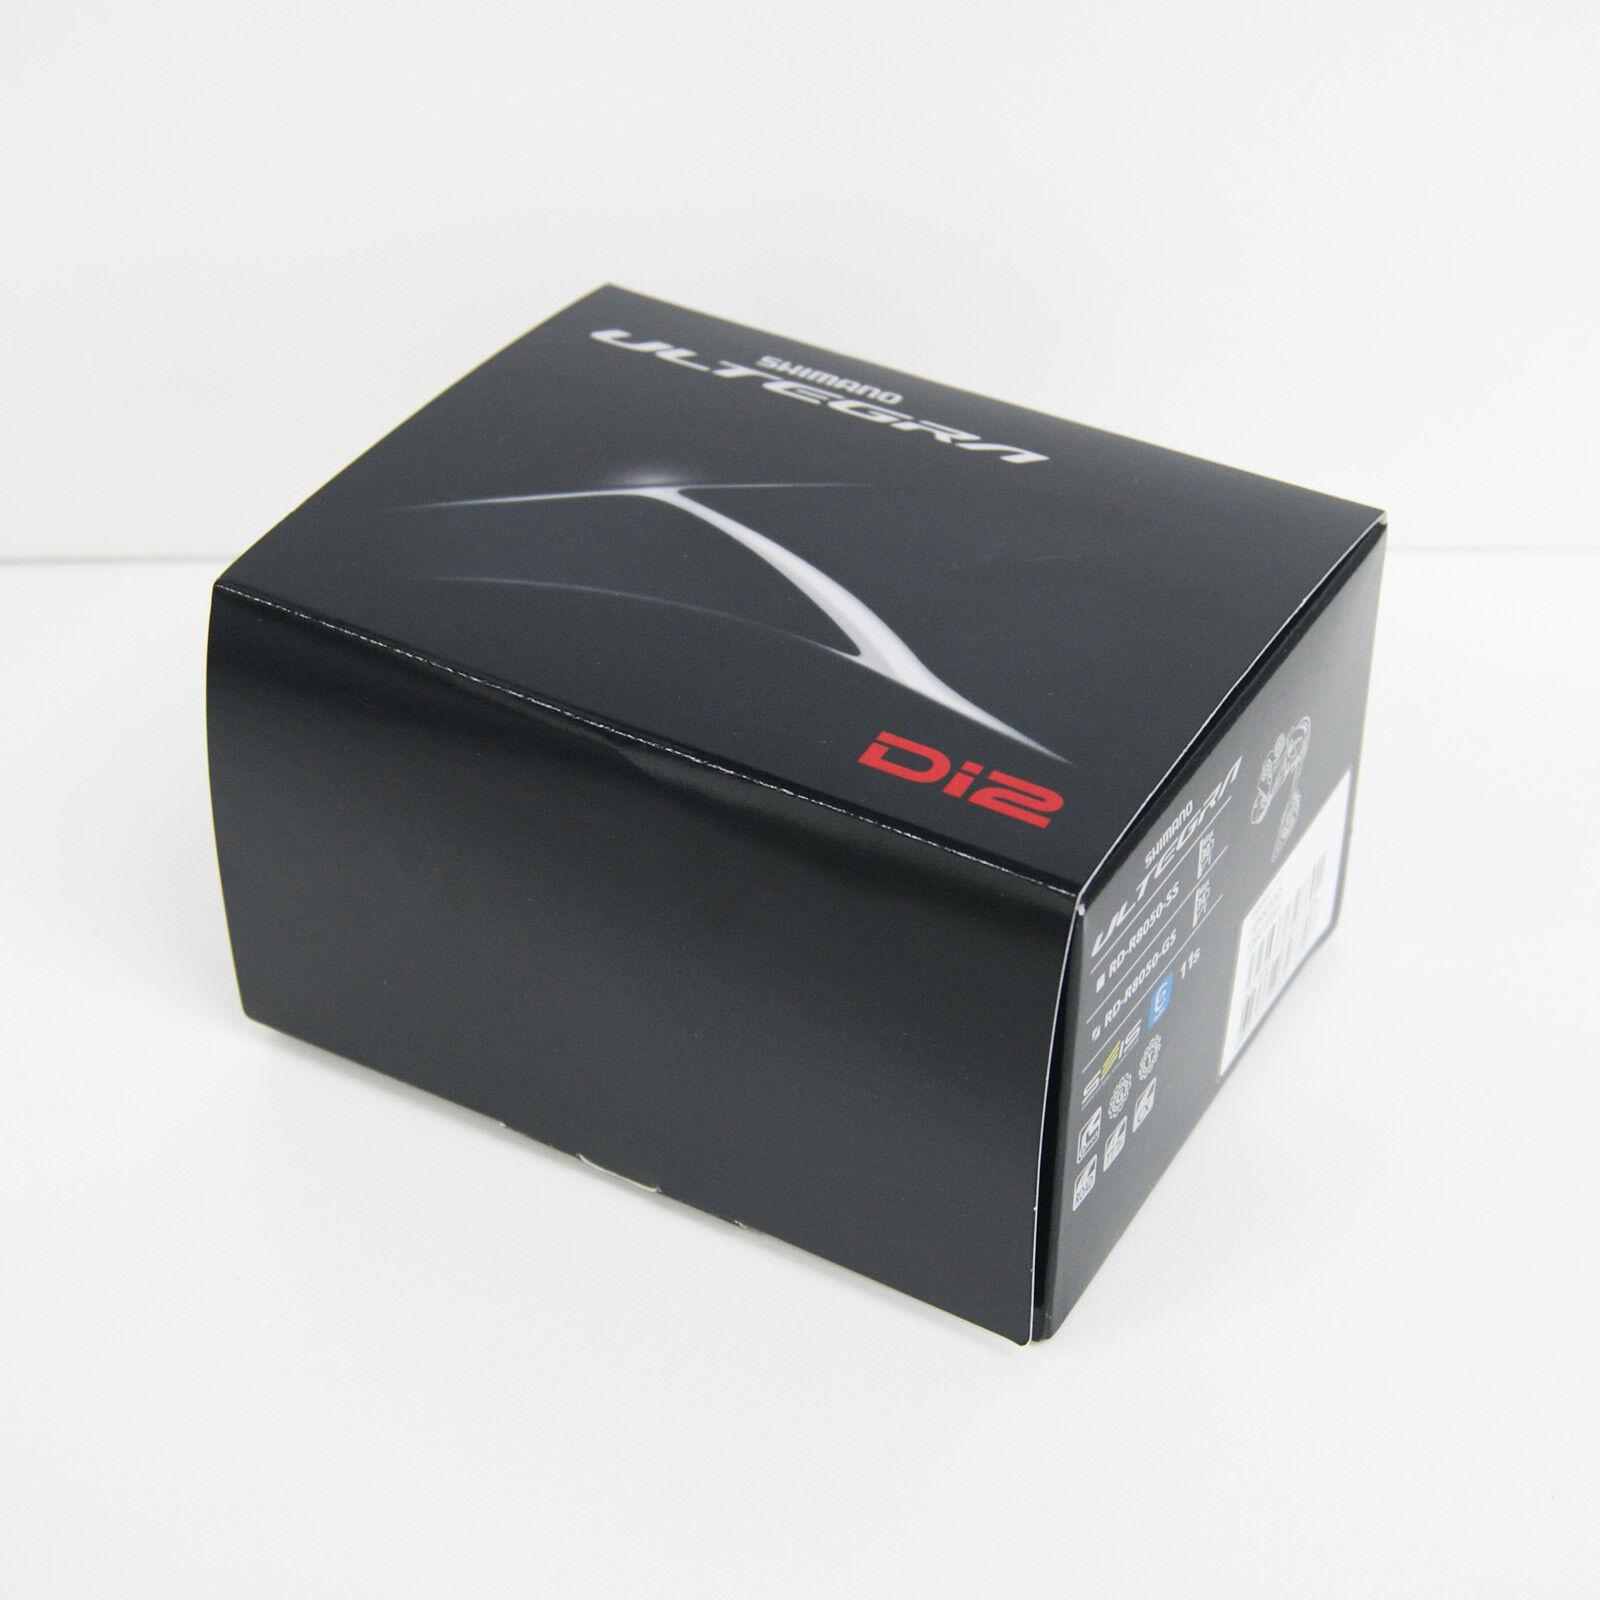 Shimano Ultegra RDR8050 Deragliatore Posteriore Gs 11speed Montaggio Diretto